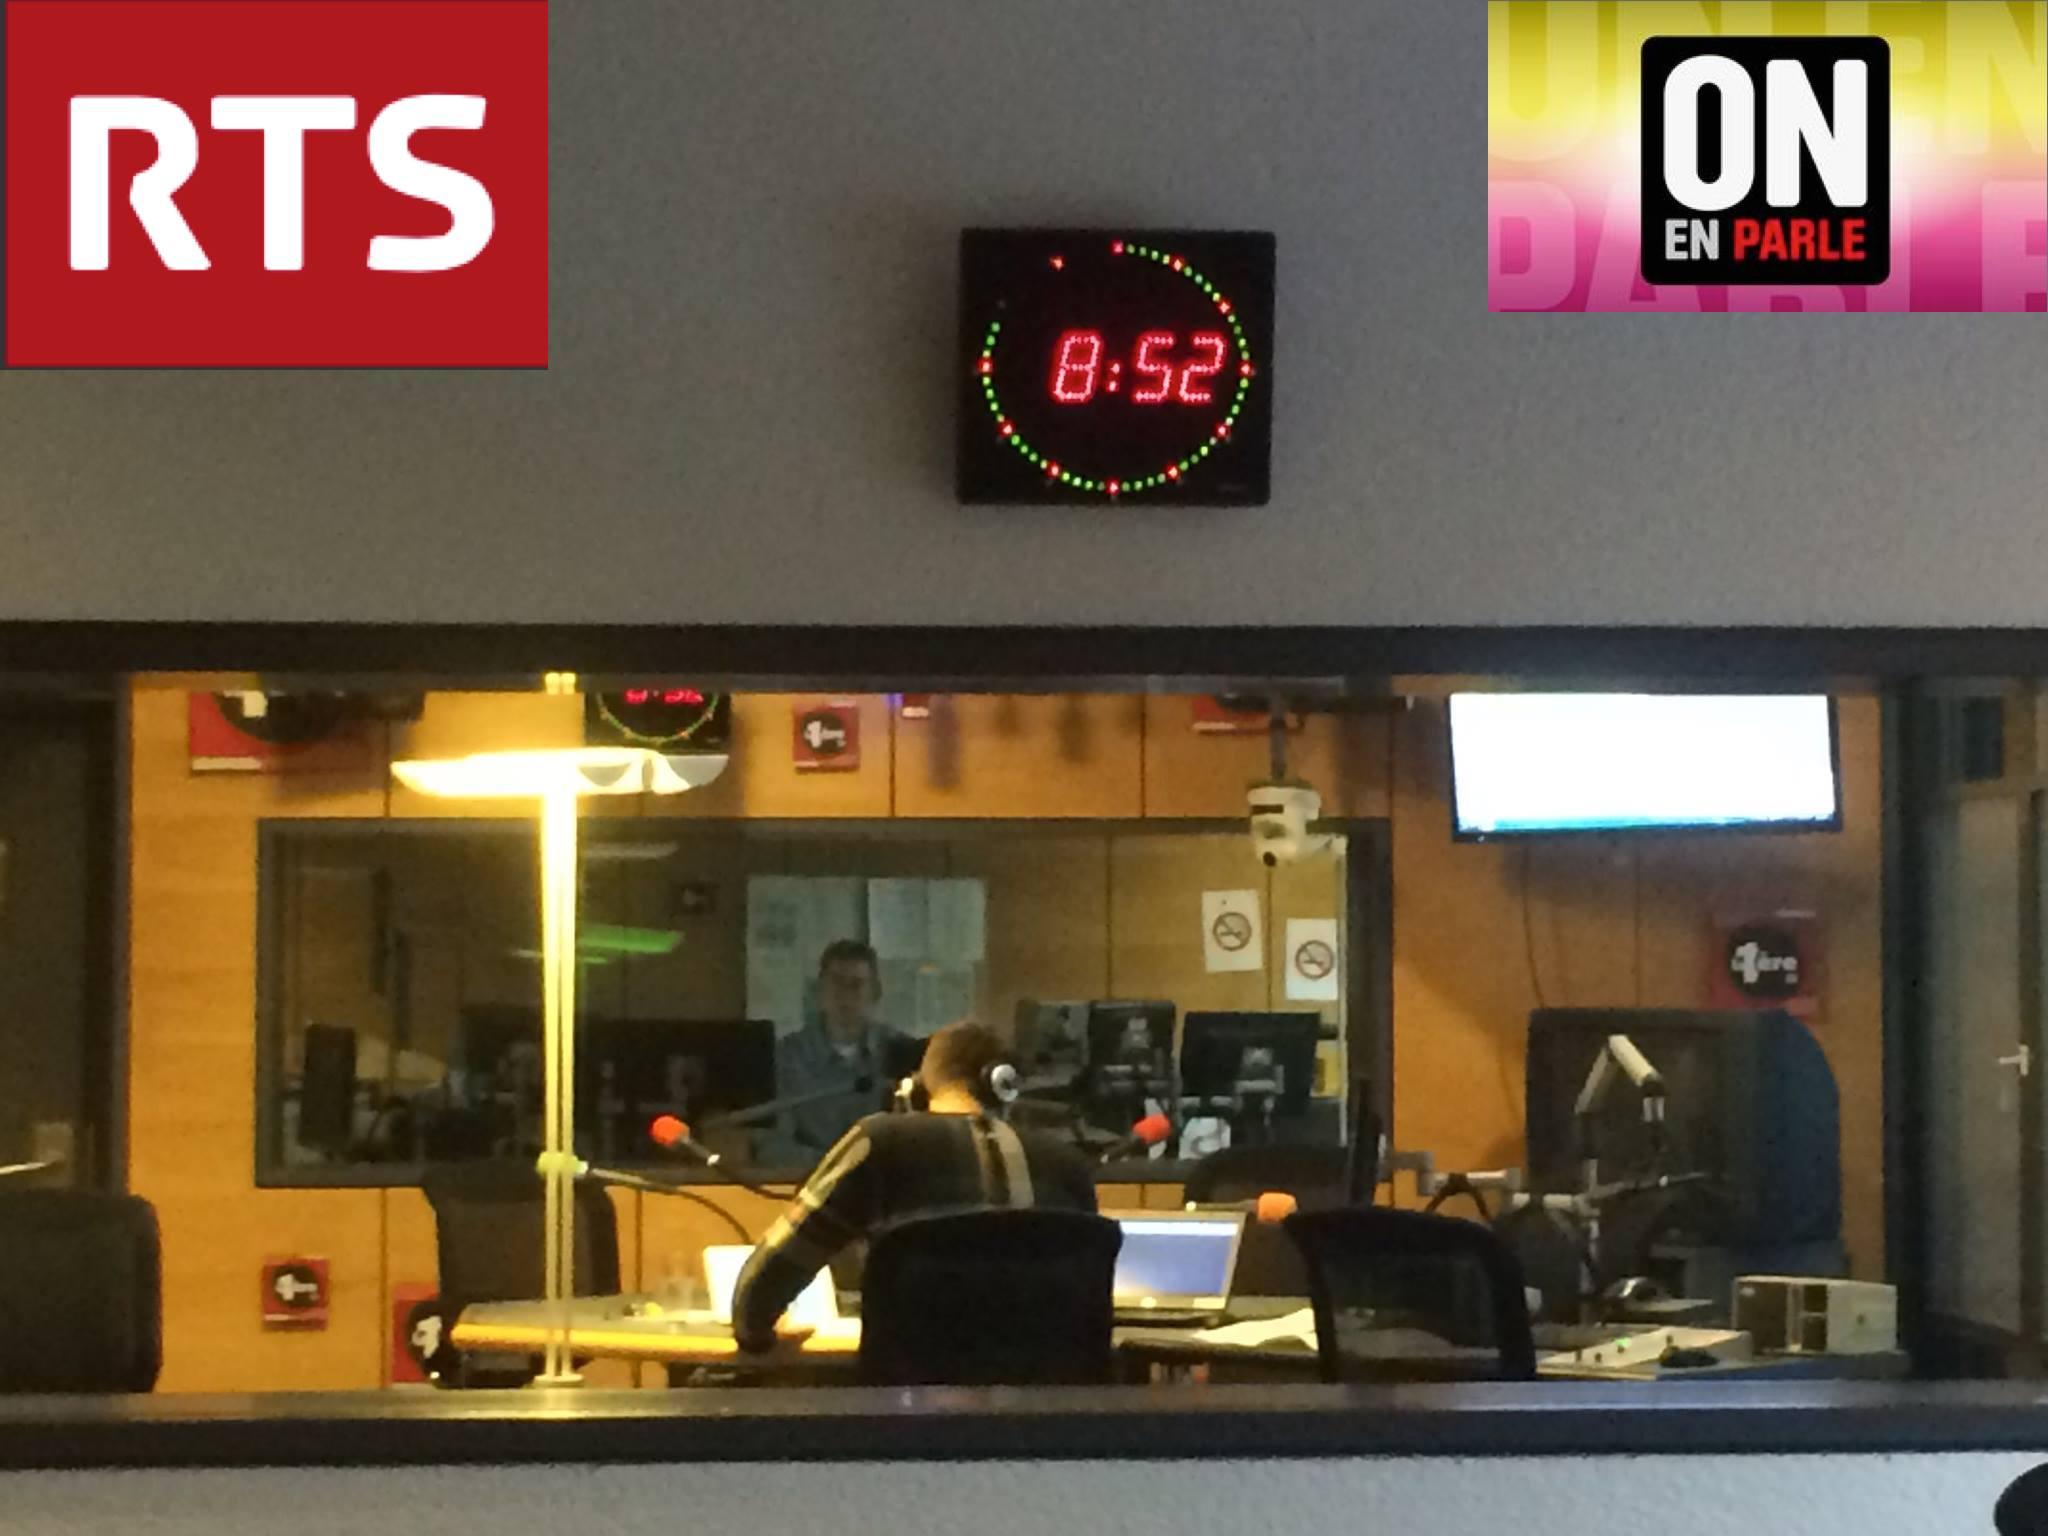 Graines d'entrepreneurs - RTS - on en parle - radio la premiere - innov-entrepreneurs - junior entre